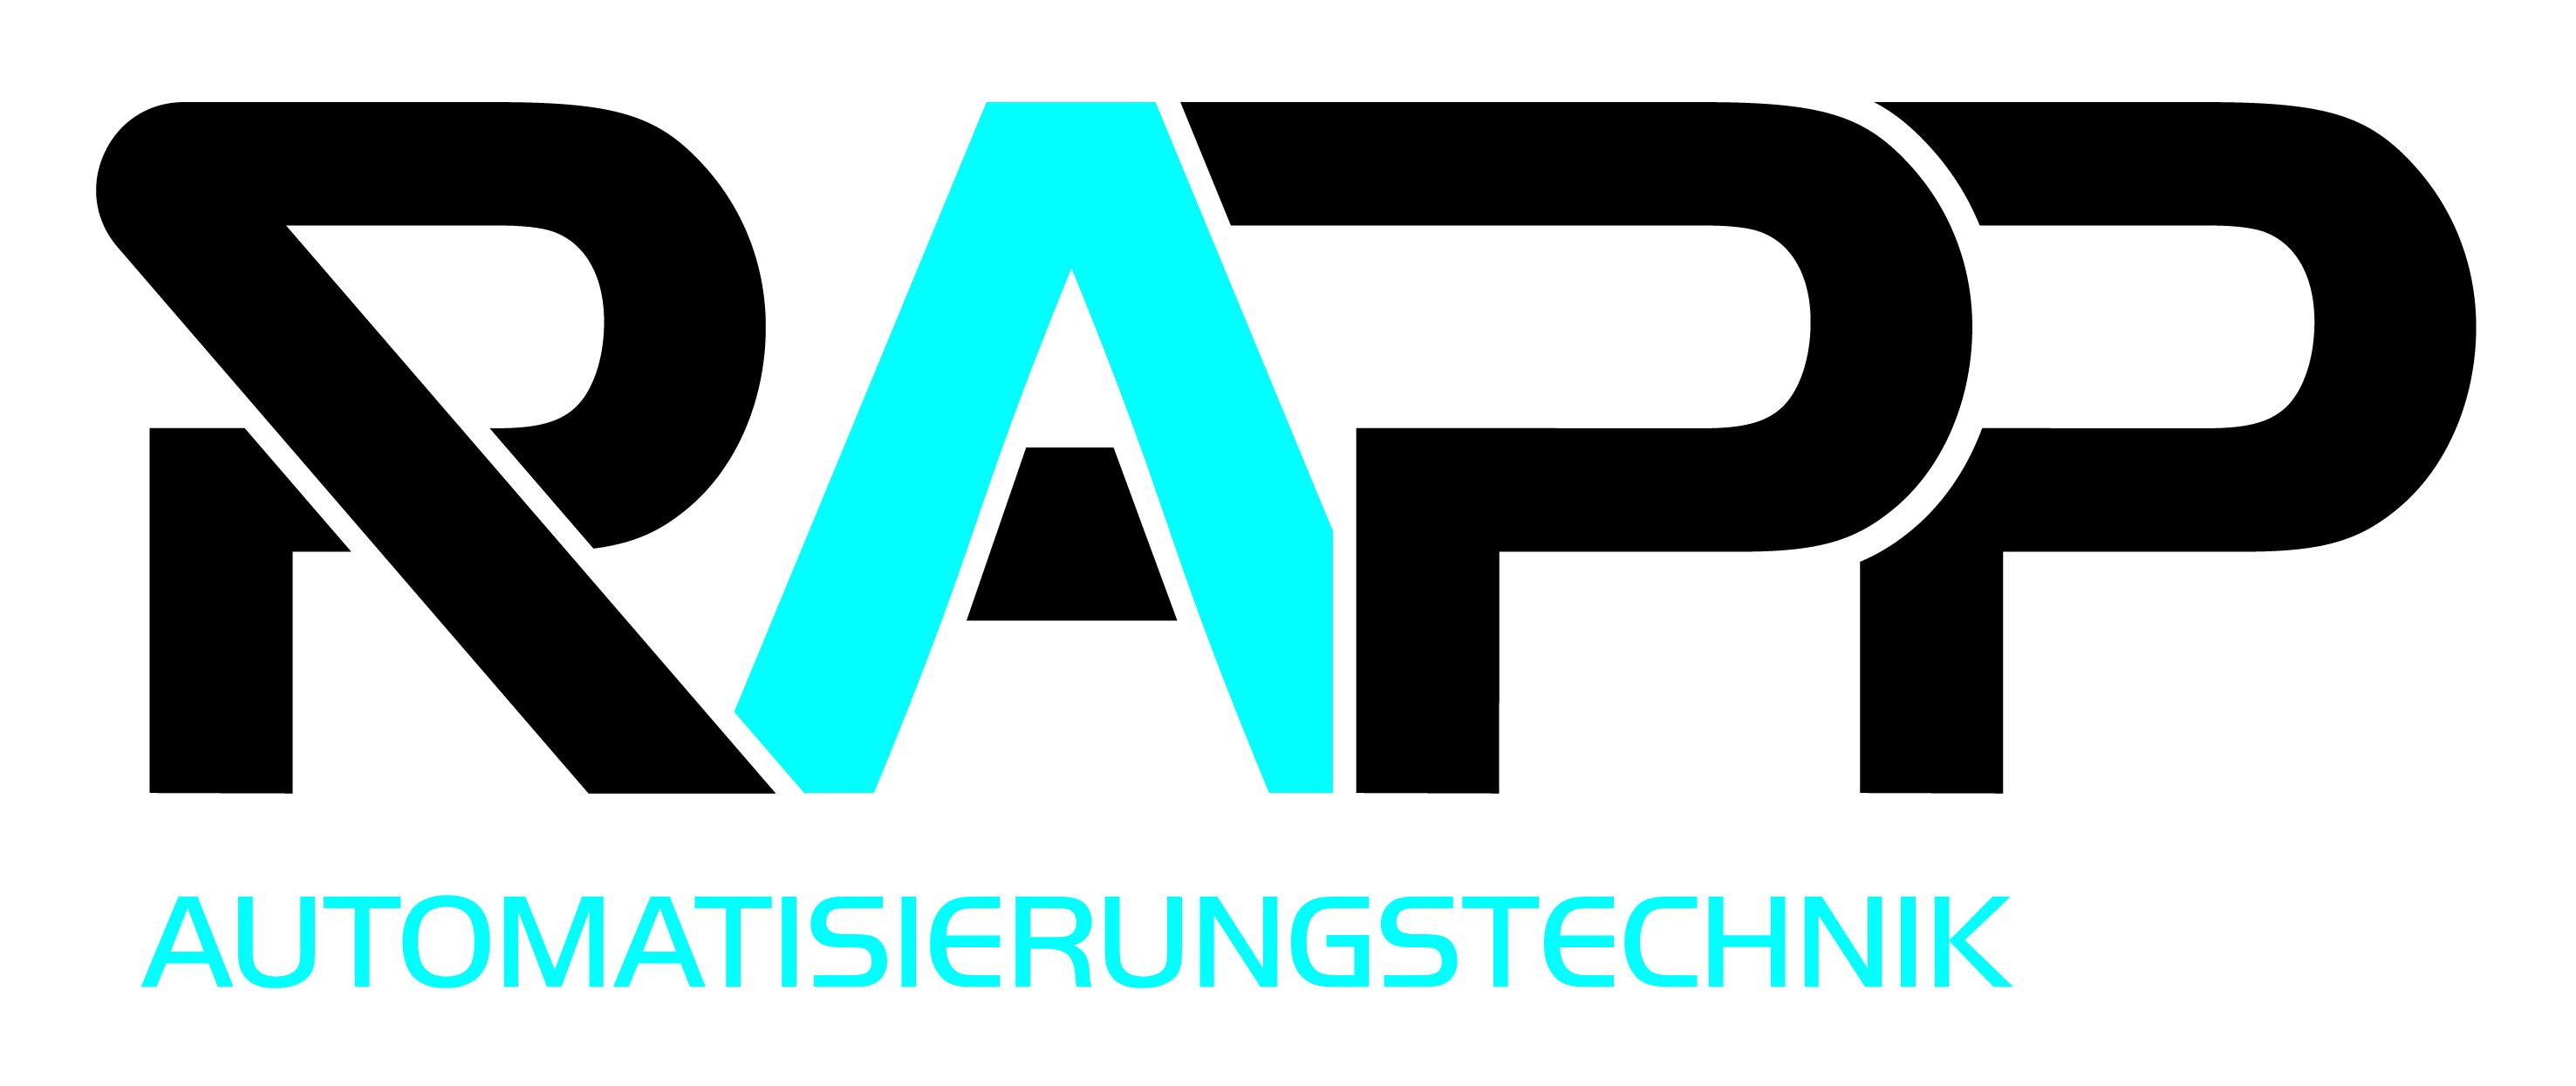 Marcel Rapp Automatisierungstechnik in 41363, Jüchen